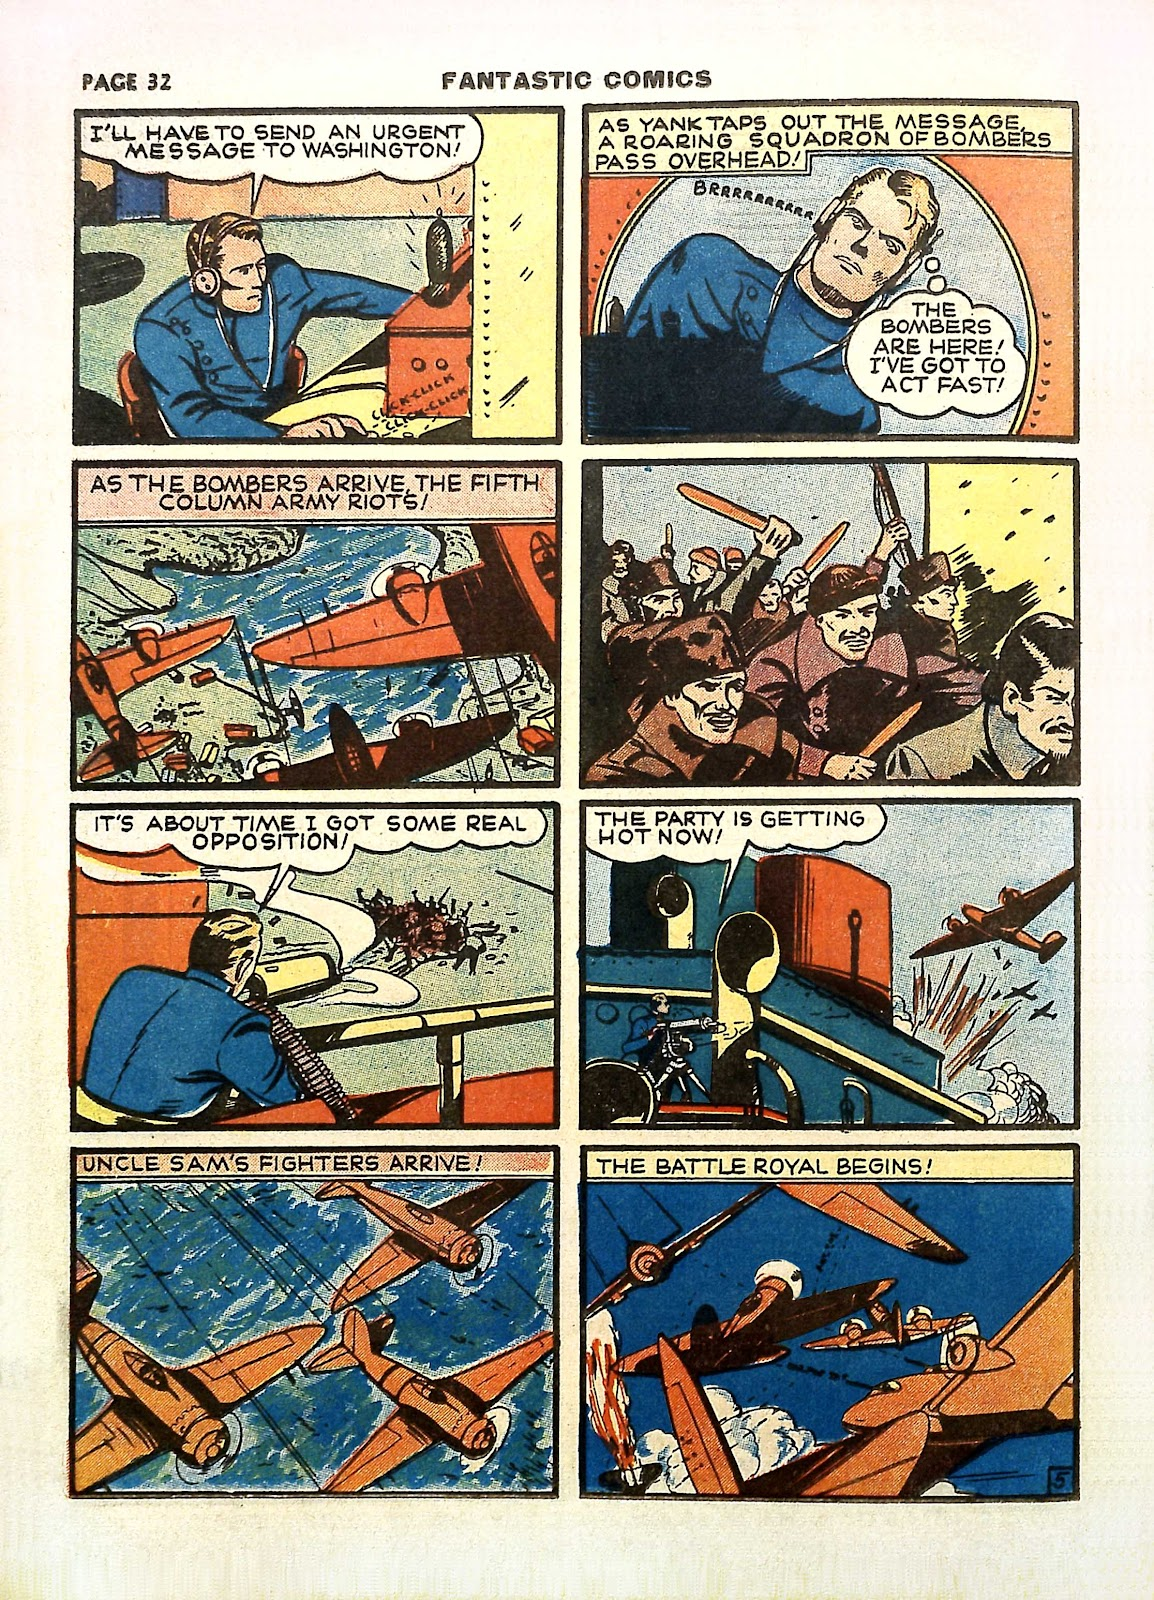 Read online Fantastic Comics comic -  Issue #11 - 35